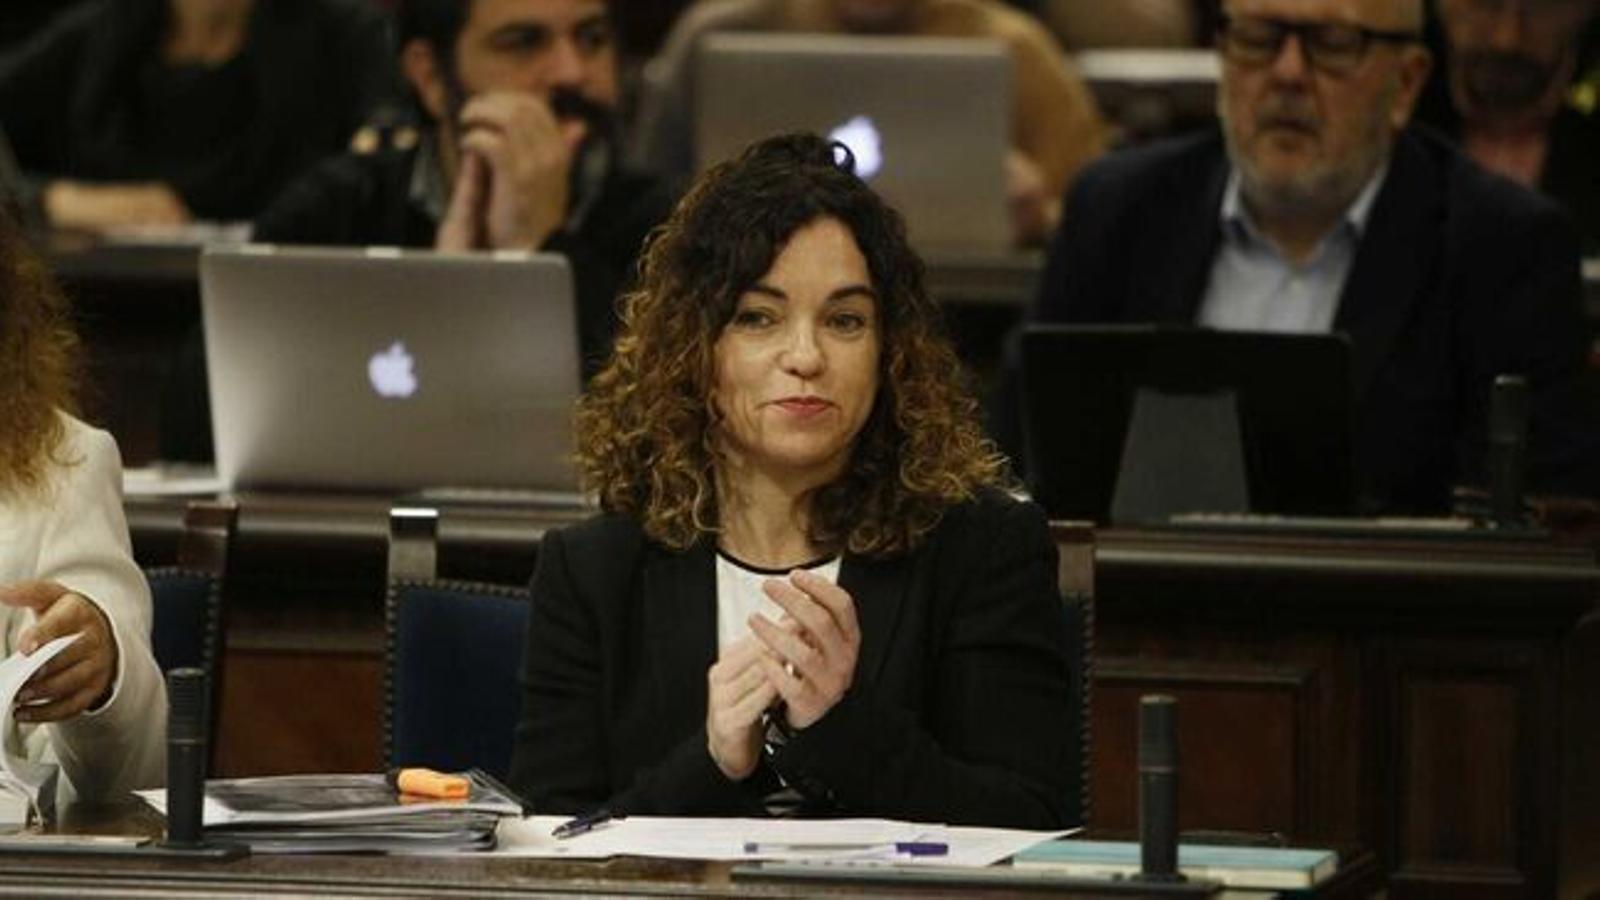 La consellera d'Hisenda i Relacions Exteriors, Rosario Sánchez. / ISAAC BUJ